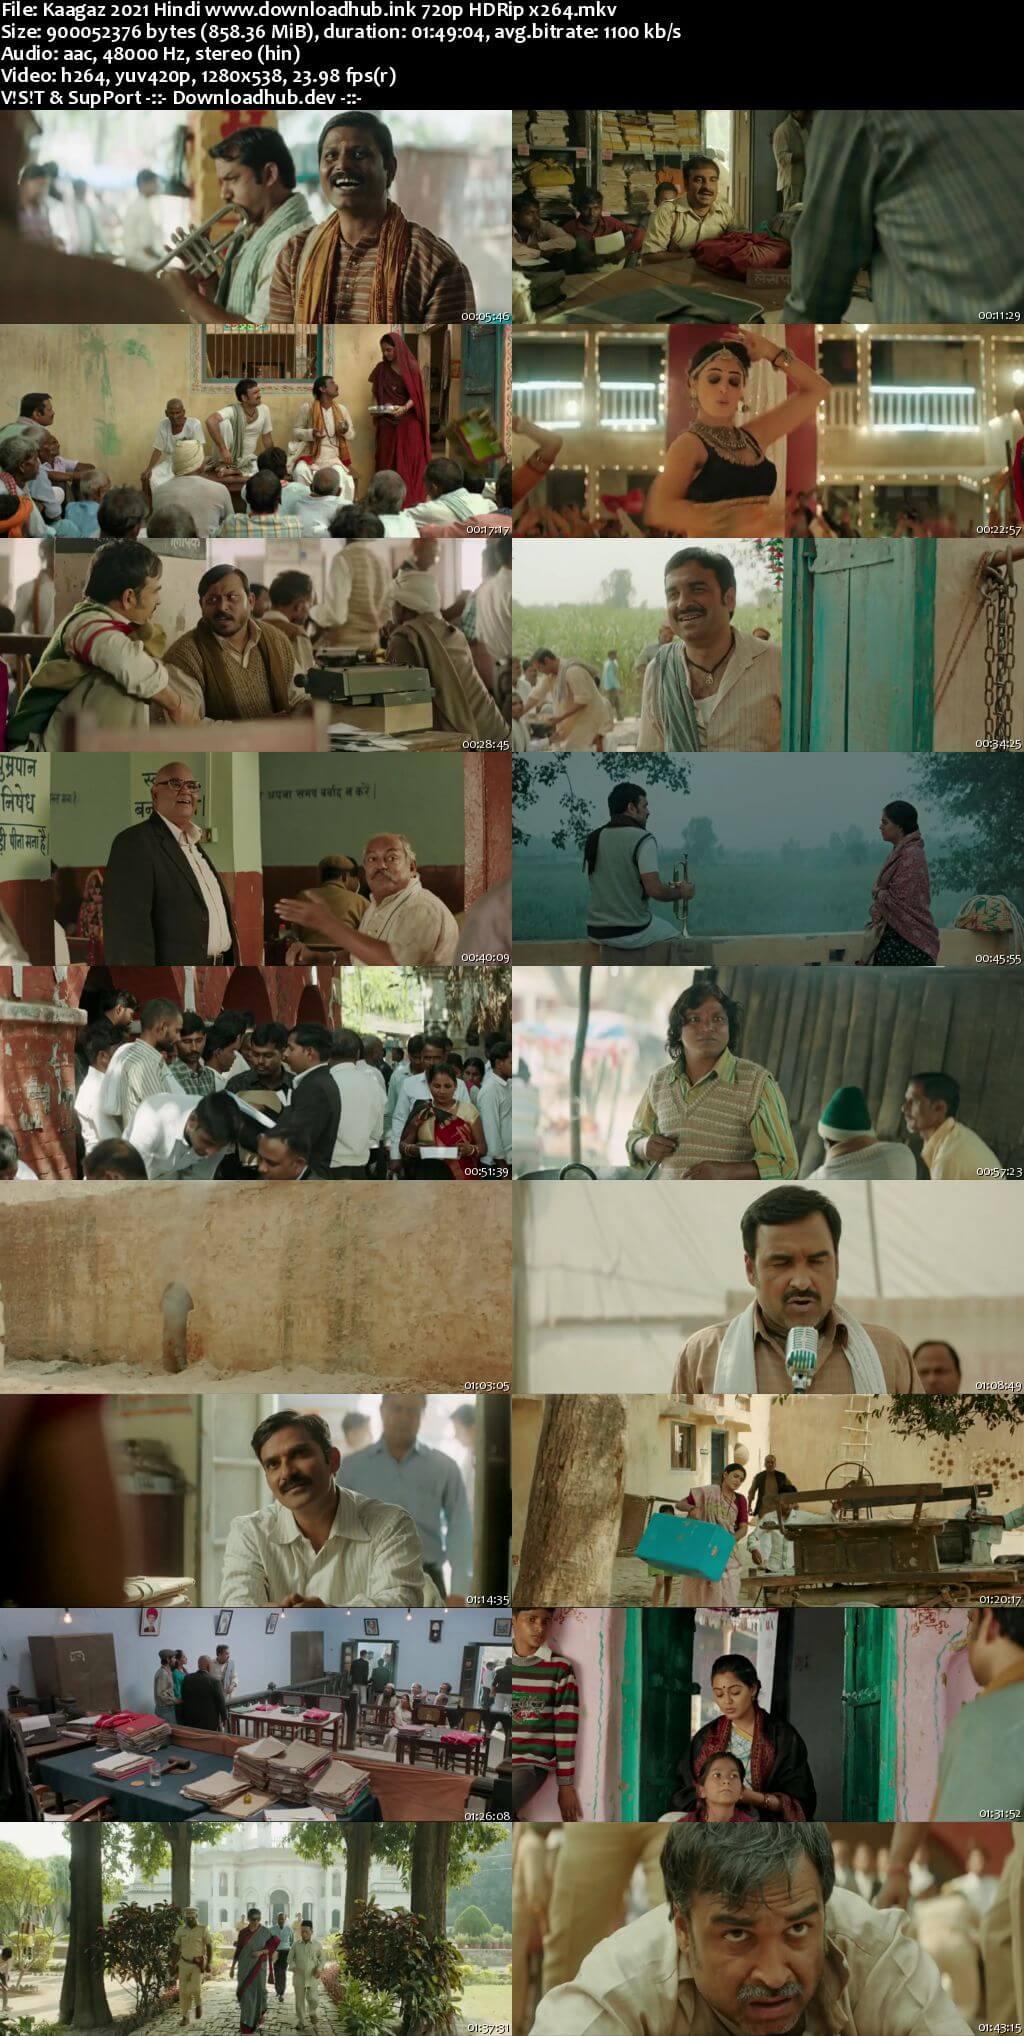 Kaagaz 2021 Hindi 720p HDRip x264